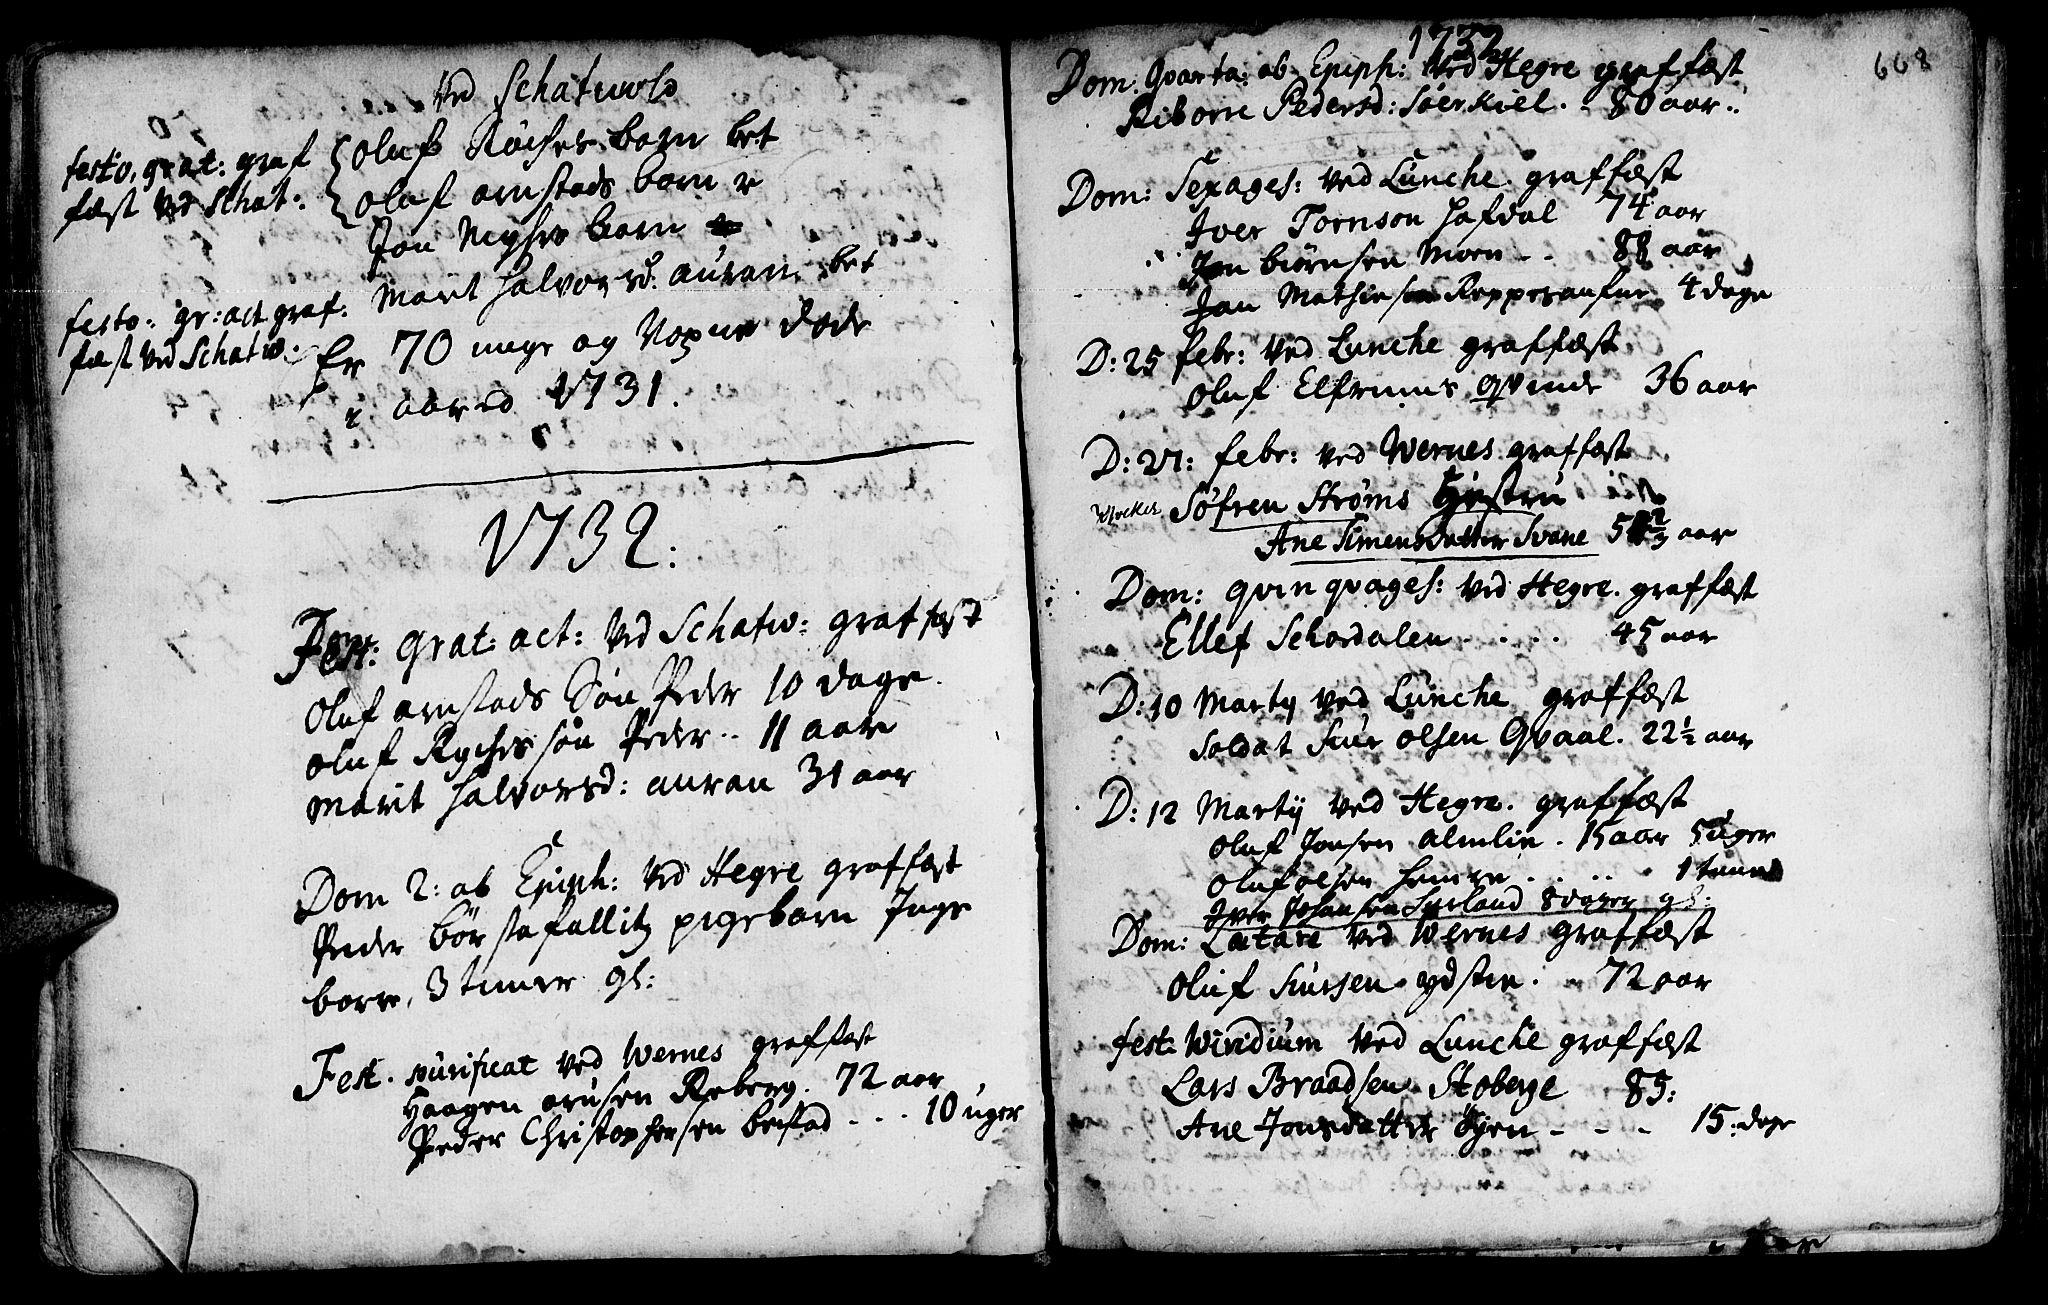 SAT, Ministerialprotokoller, klokkerbøker og fødselsregistre - Nord-Trøndelag, 709/L0055: Ministerialbok nr. 709A03, 1730-1739, s. 667-668